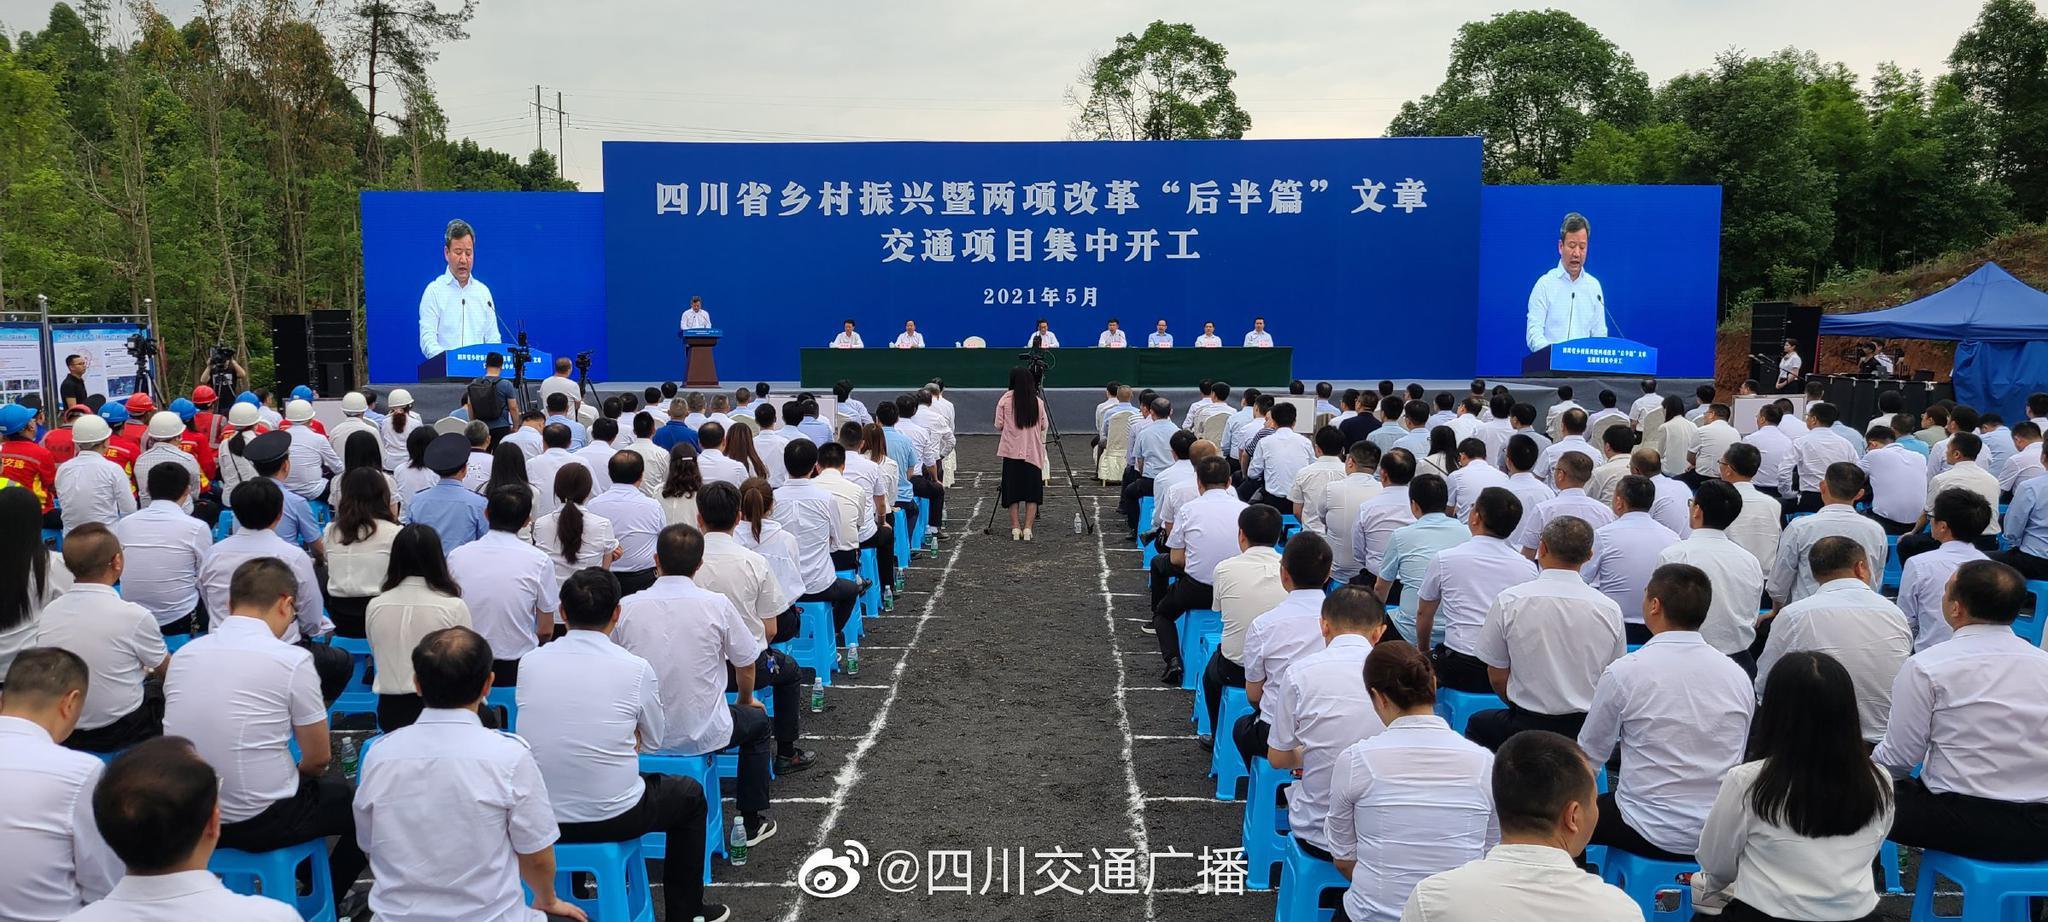 覆盖四川全省的乡村振兴交通项目今天集中开工……